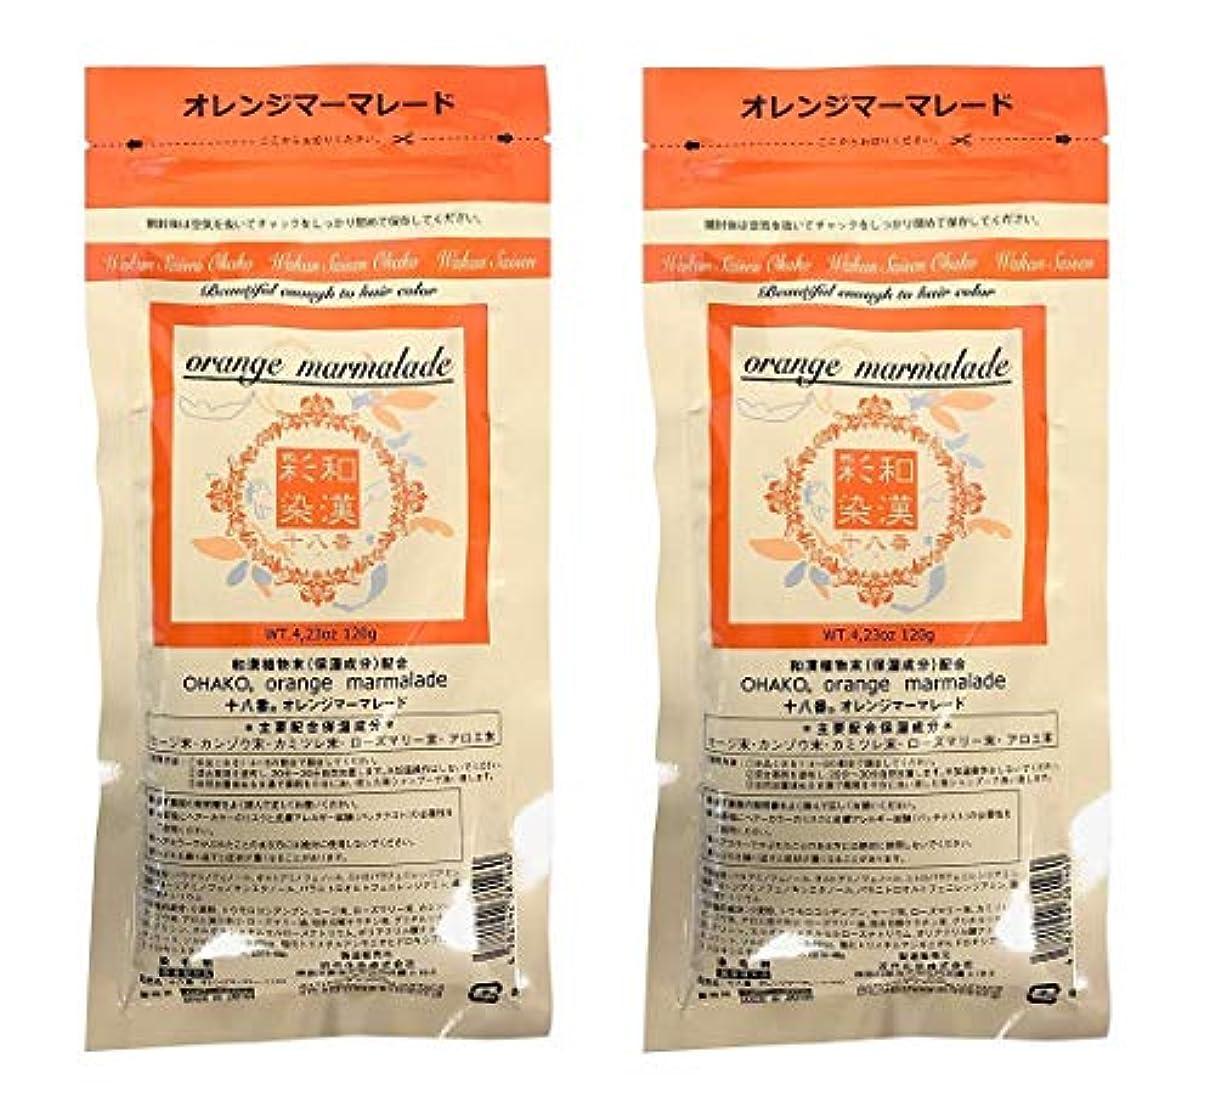 ミシン目繰り返し手順【2個セット】グランデックス 和漢彩染 十八番 120g オレンジママーレード